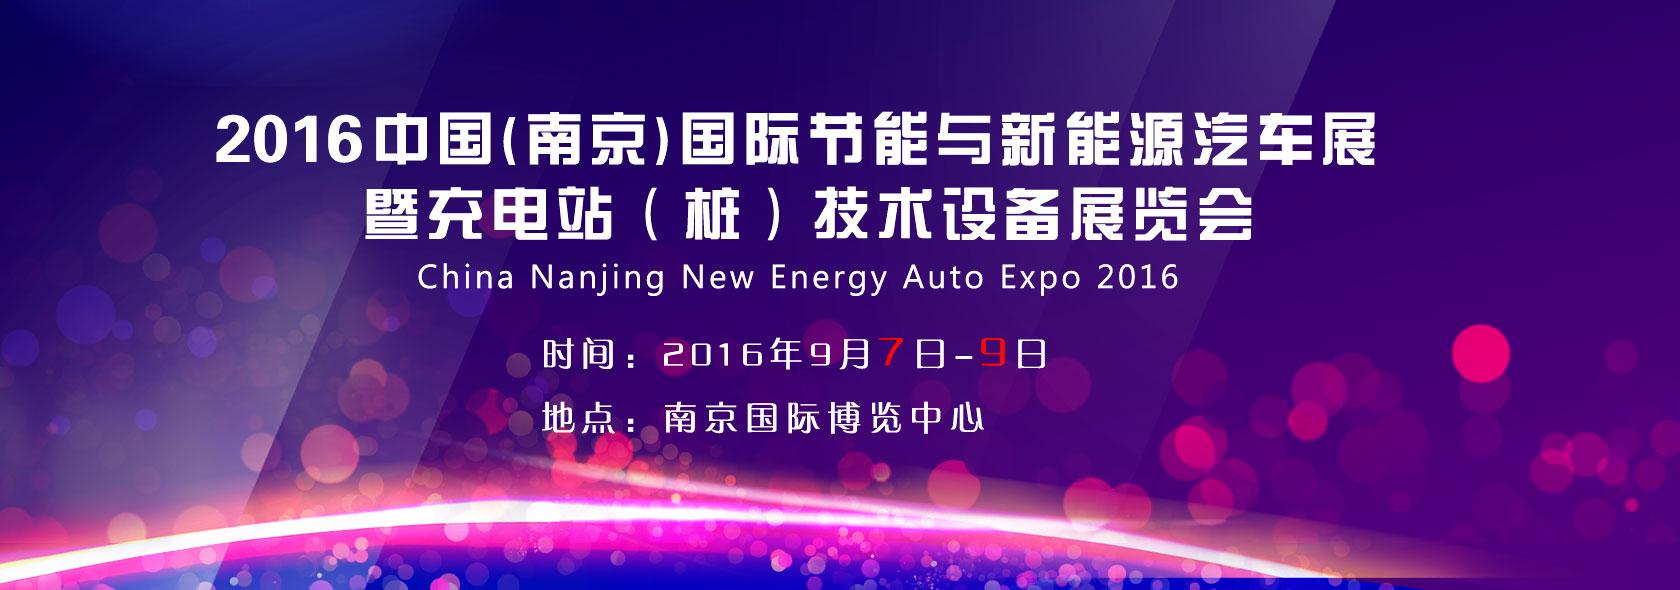 2016南京国际节能与新能源汽车展